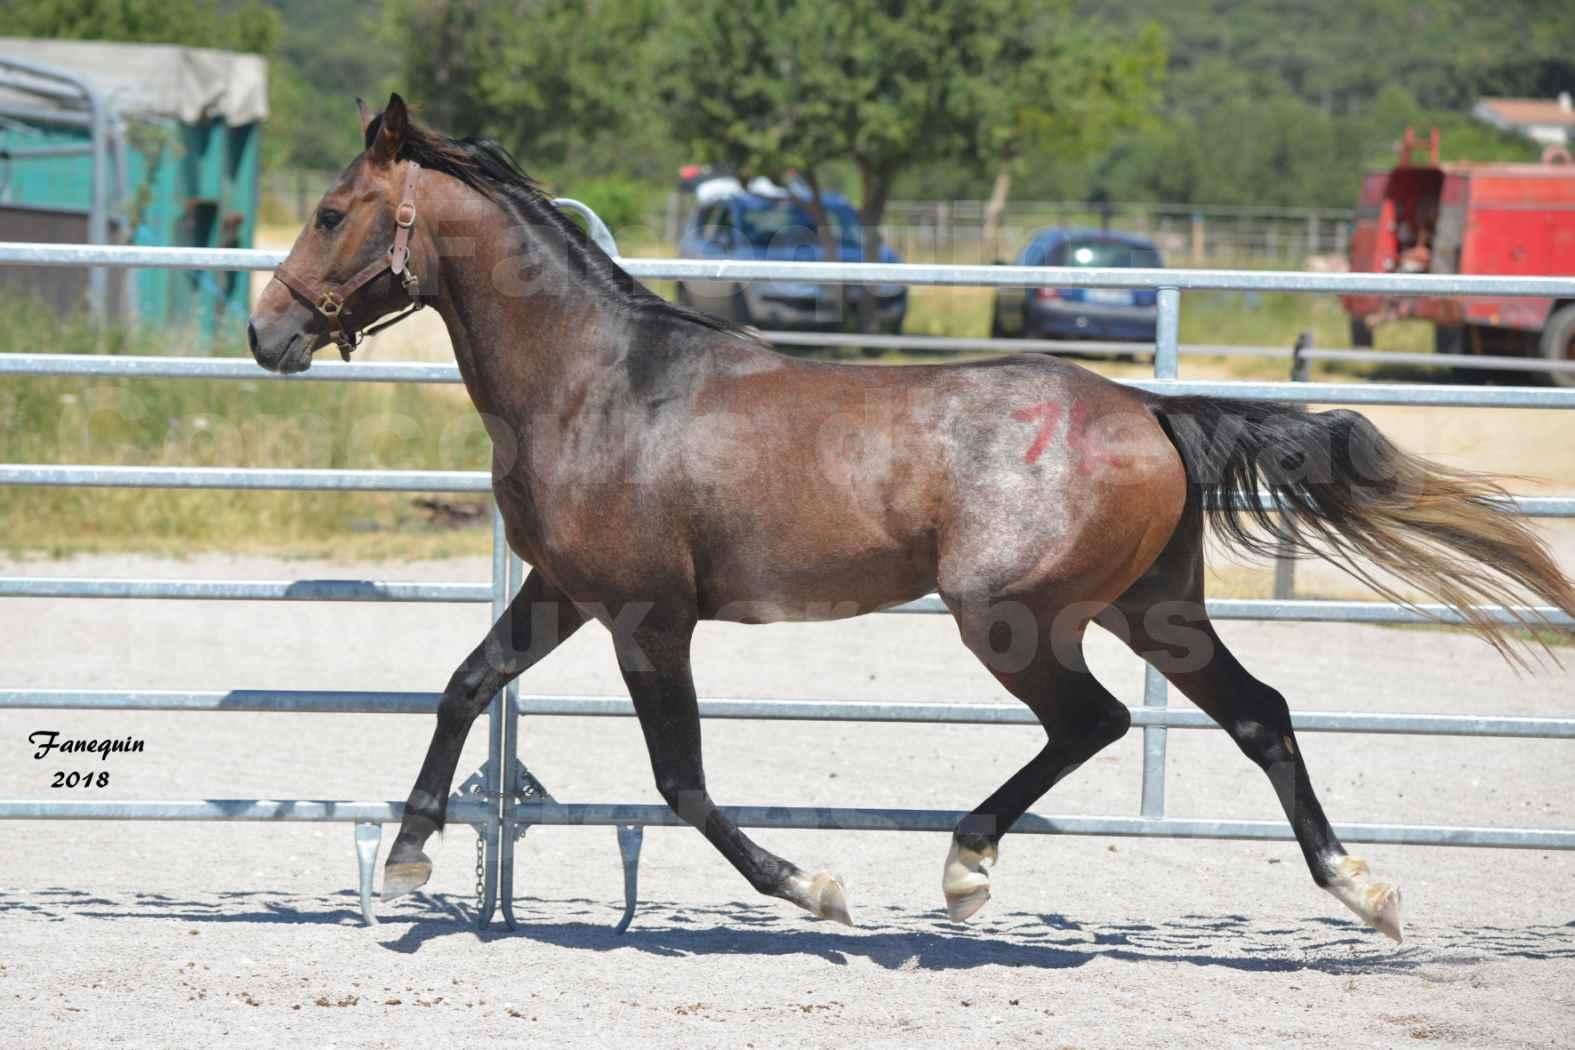 Concours d'Elevage de chevaux Arabes  le 27 juin 2018 à la BOISSIERE - DORKKAN DE FIGNOLS - 04